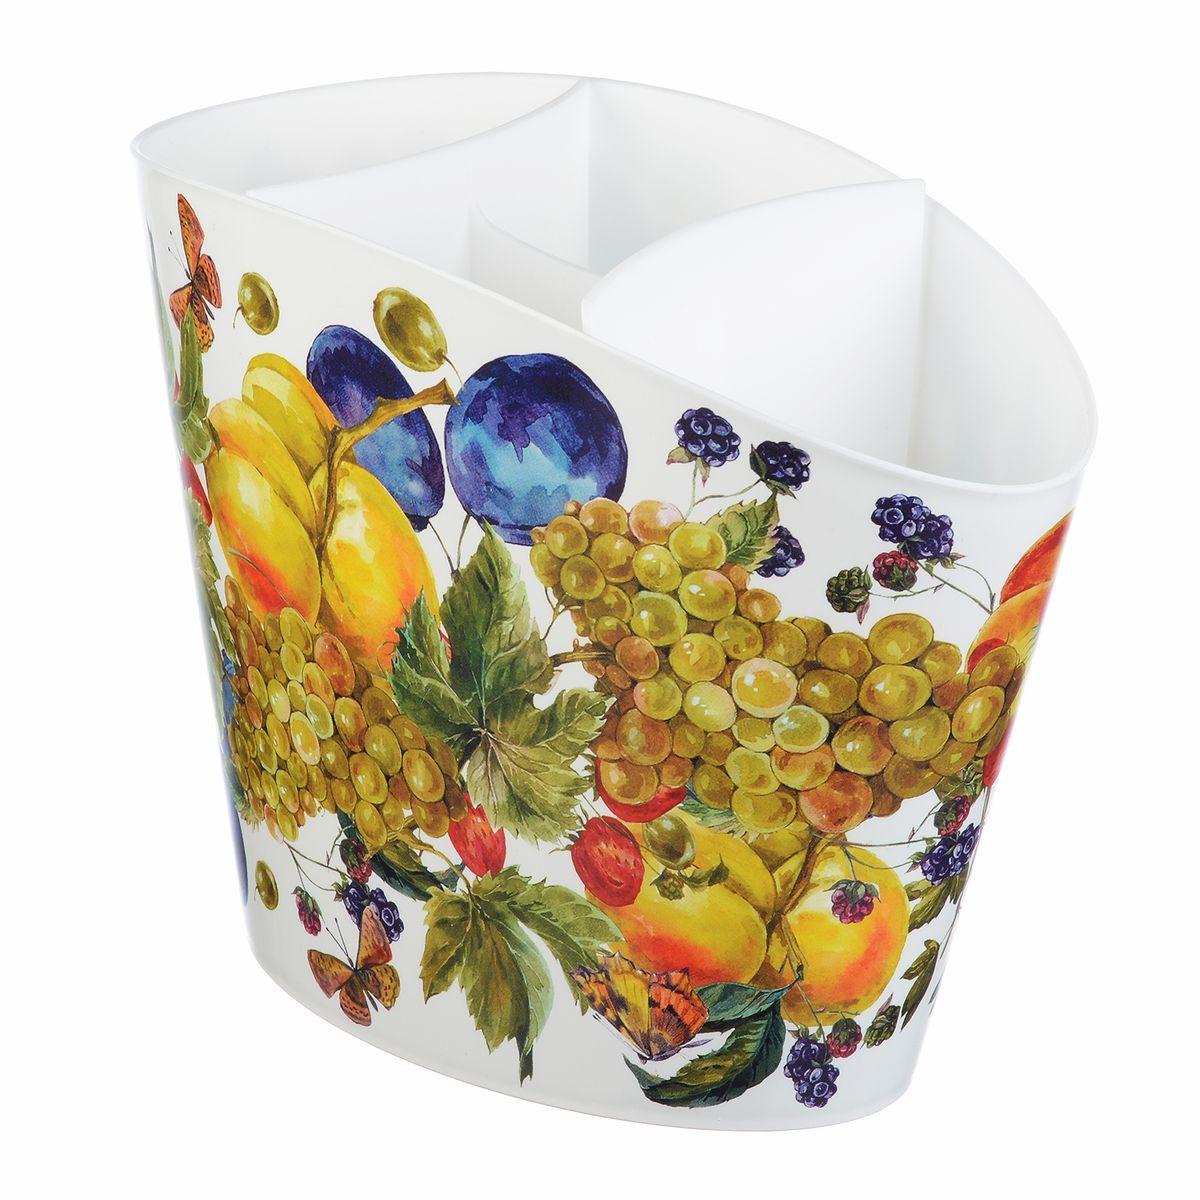 Сушилка для для столовых приборов Idea Деко. ФруктыМ 1167Сушилка для столовых приборов Idea, выполненная из высококачественного пластика, станет полезным приобретением для вашей кухни. Сушилка имеет три отделения для разных видов столовых приборов. Дно отделений оснащено отверстиями. Сушилка удобна в использовании и имеет современный дизайн, который станет ярким акцентом в интерьере вашей кухни. Размер сушилки: 19,5 см х 15,5 см х 11 см.